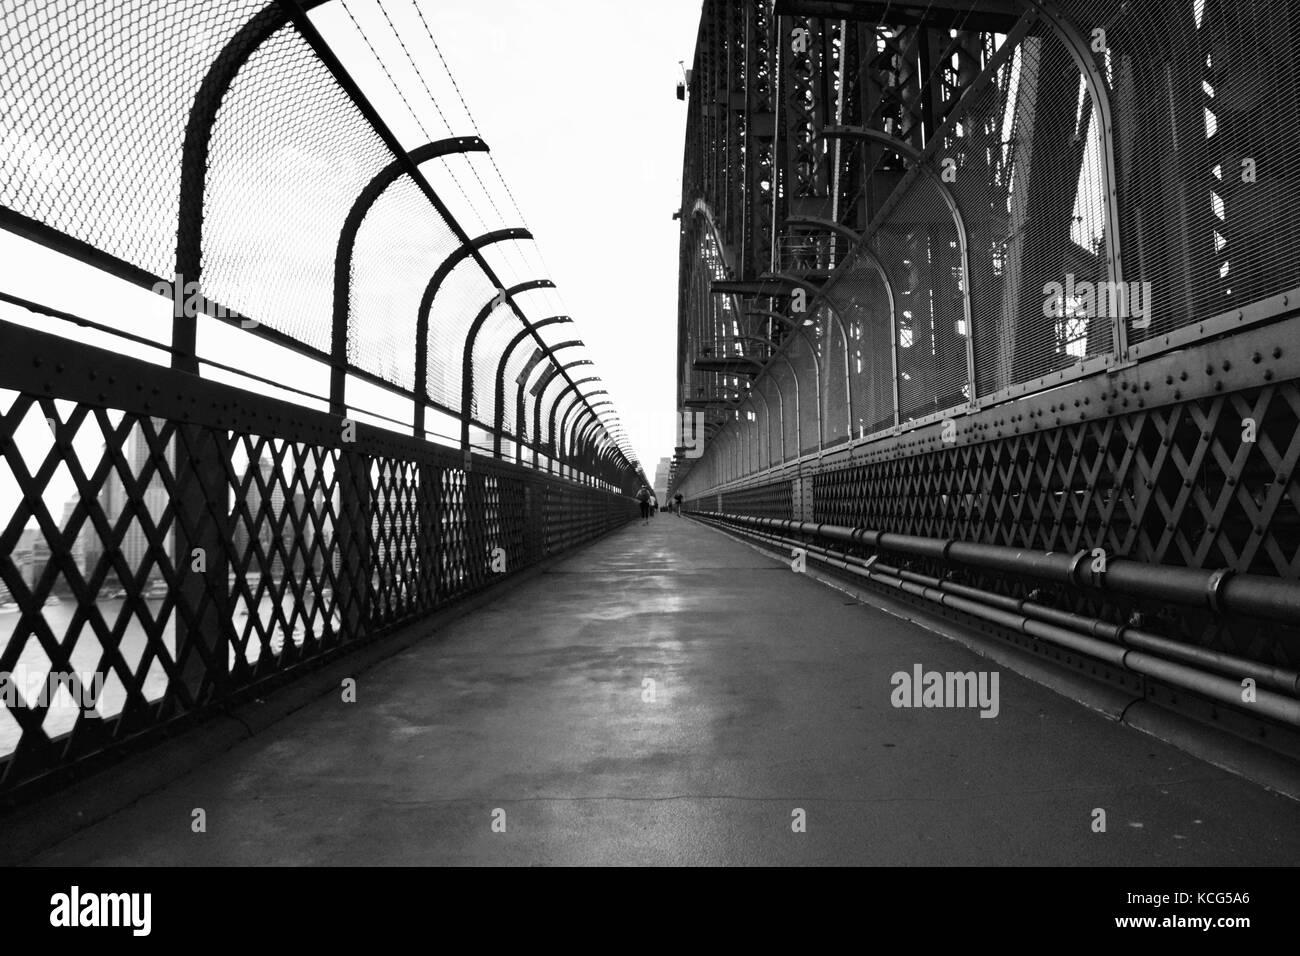 Sydney Harbour Bridge - Stock Image